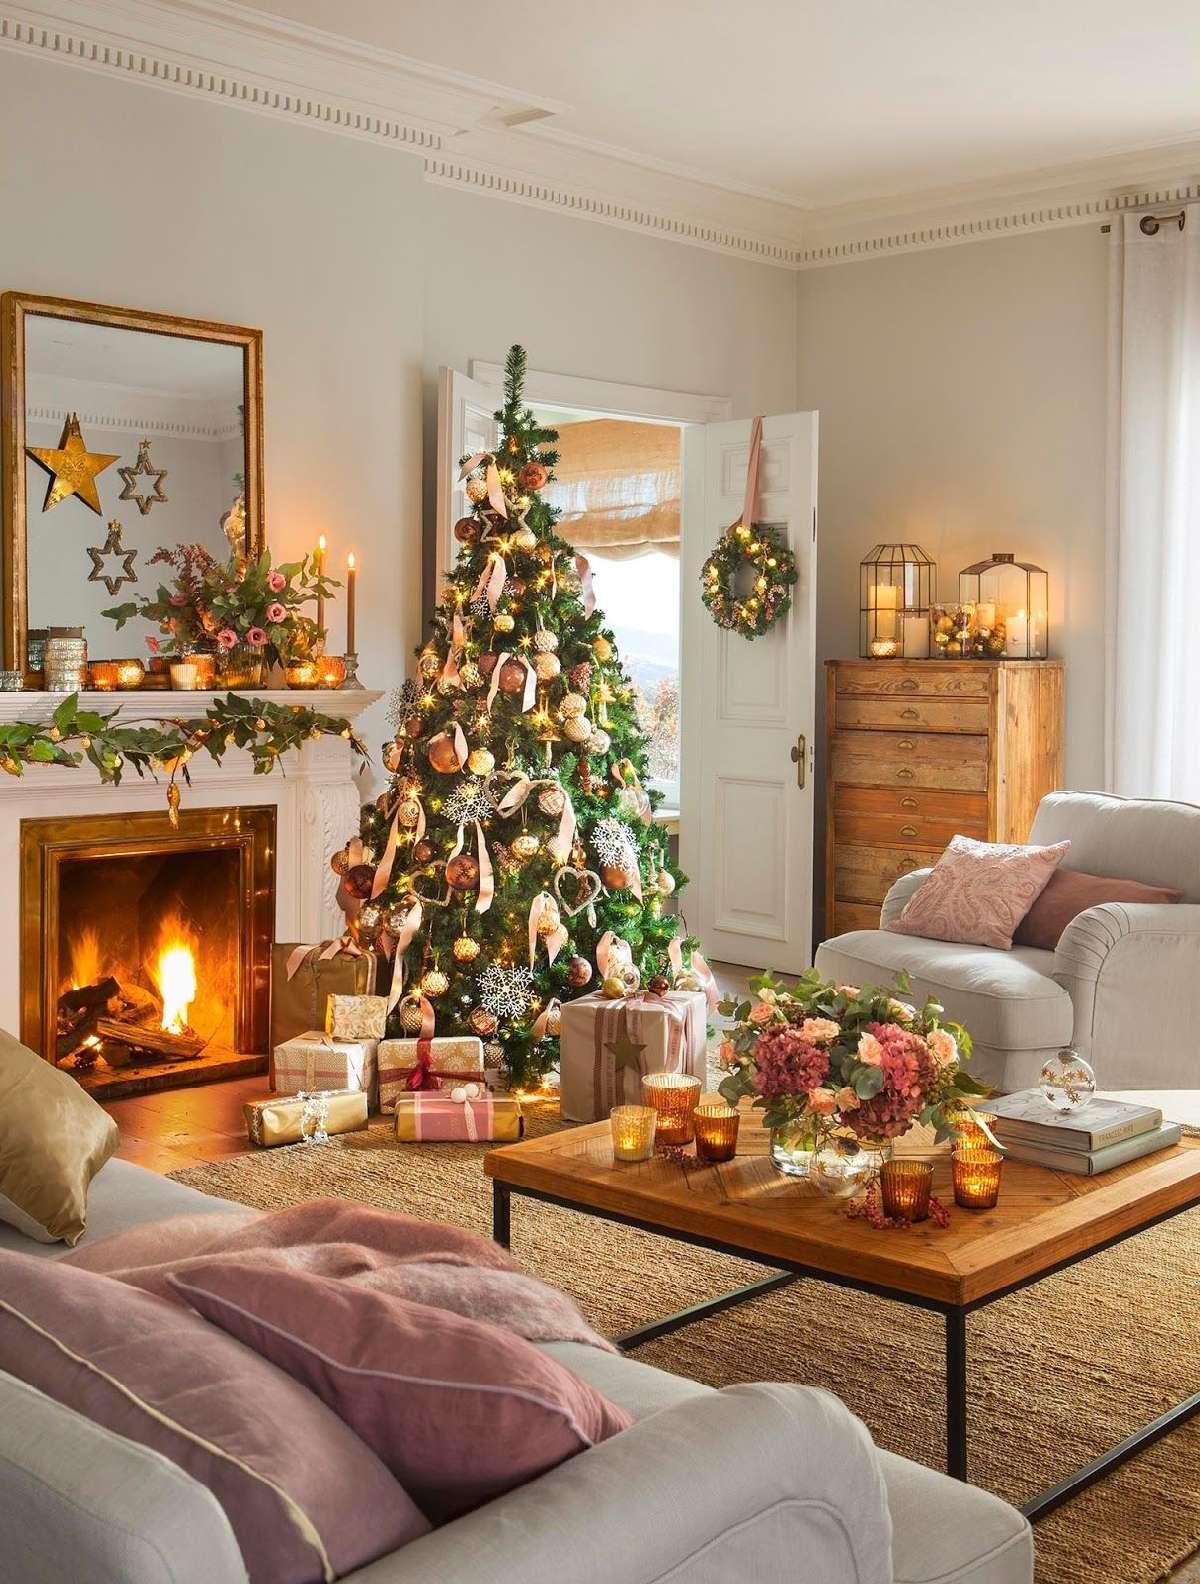 Sorprendentes ideas para decorar el árbol de Navidad 8